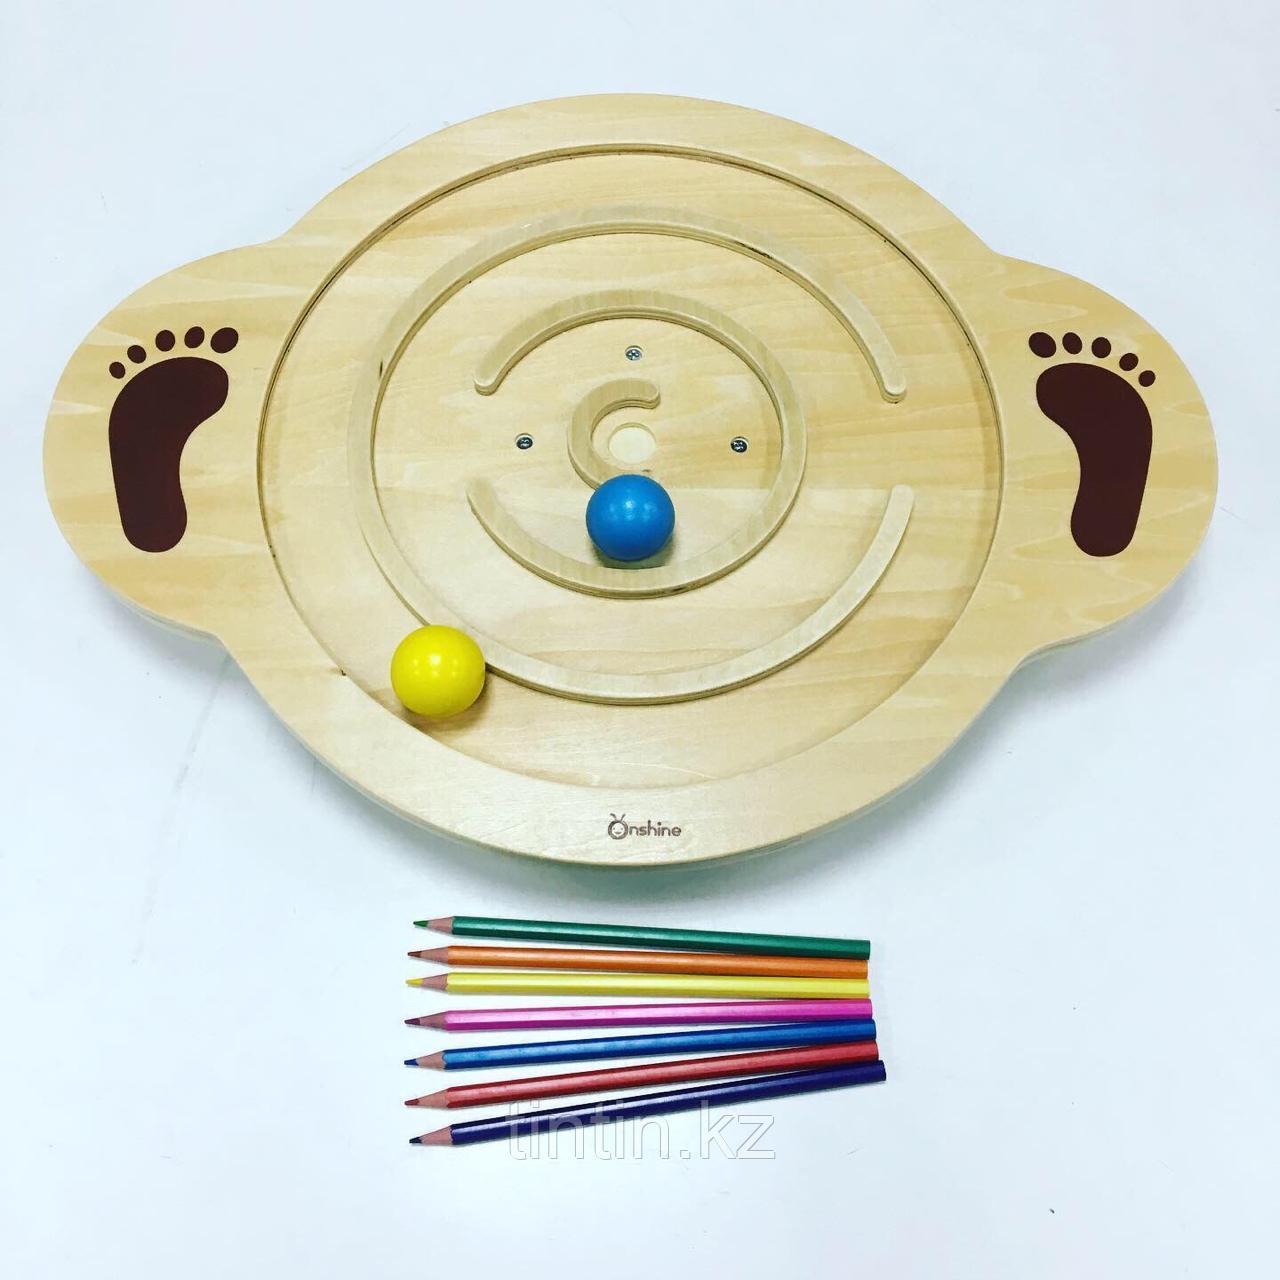 Деревянная доска-балансир для детей от 3 до 6 лет